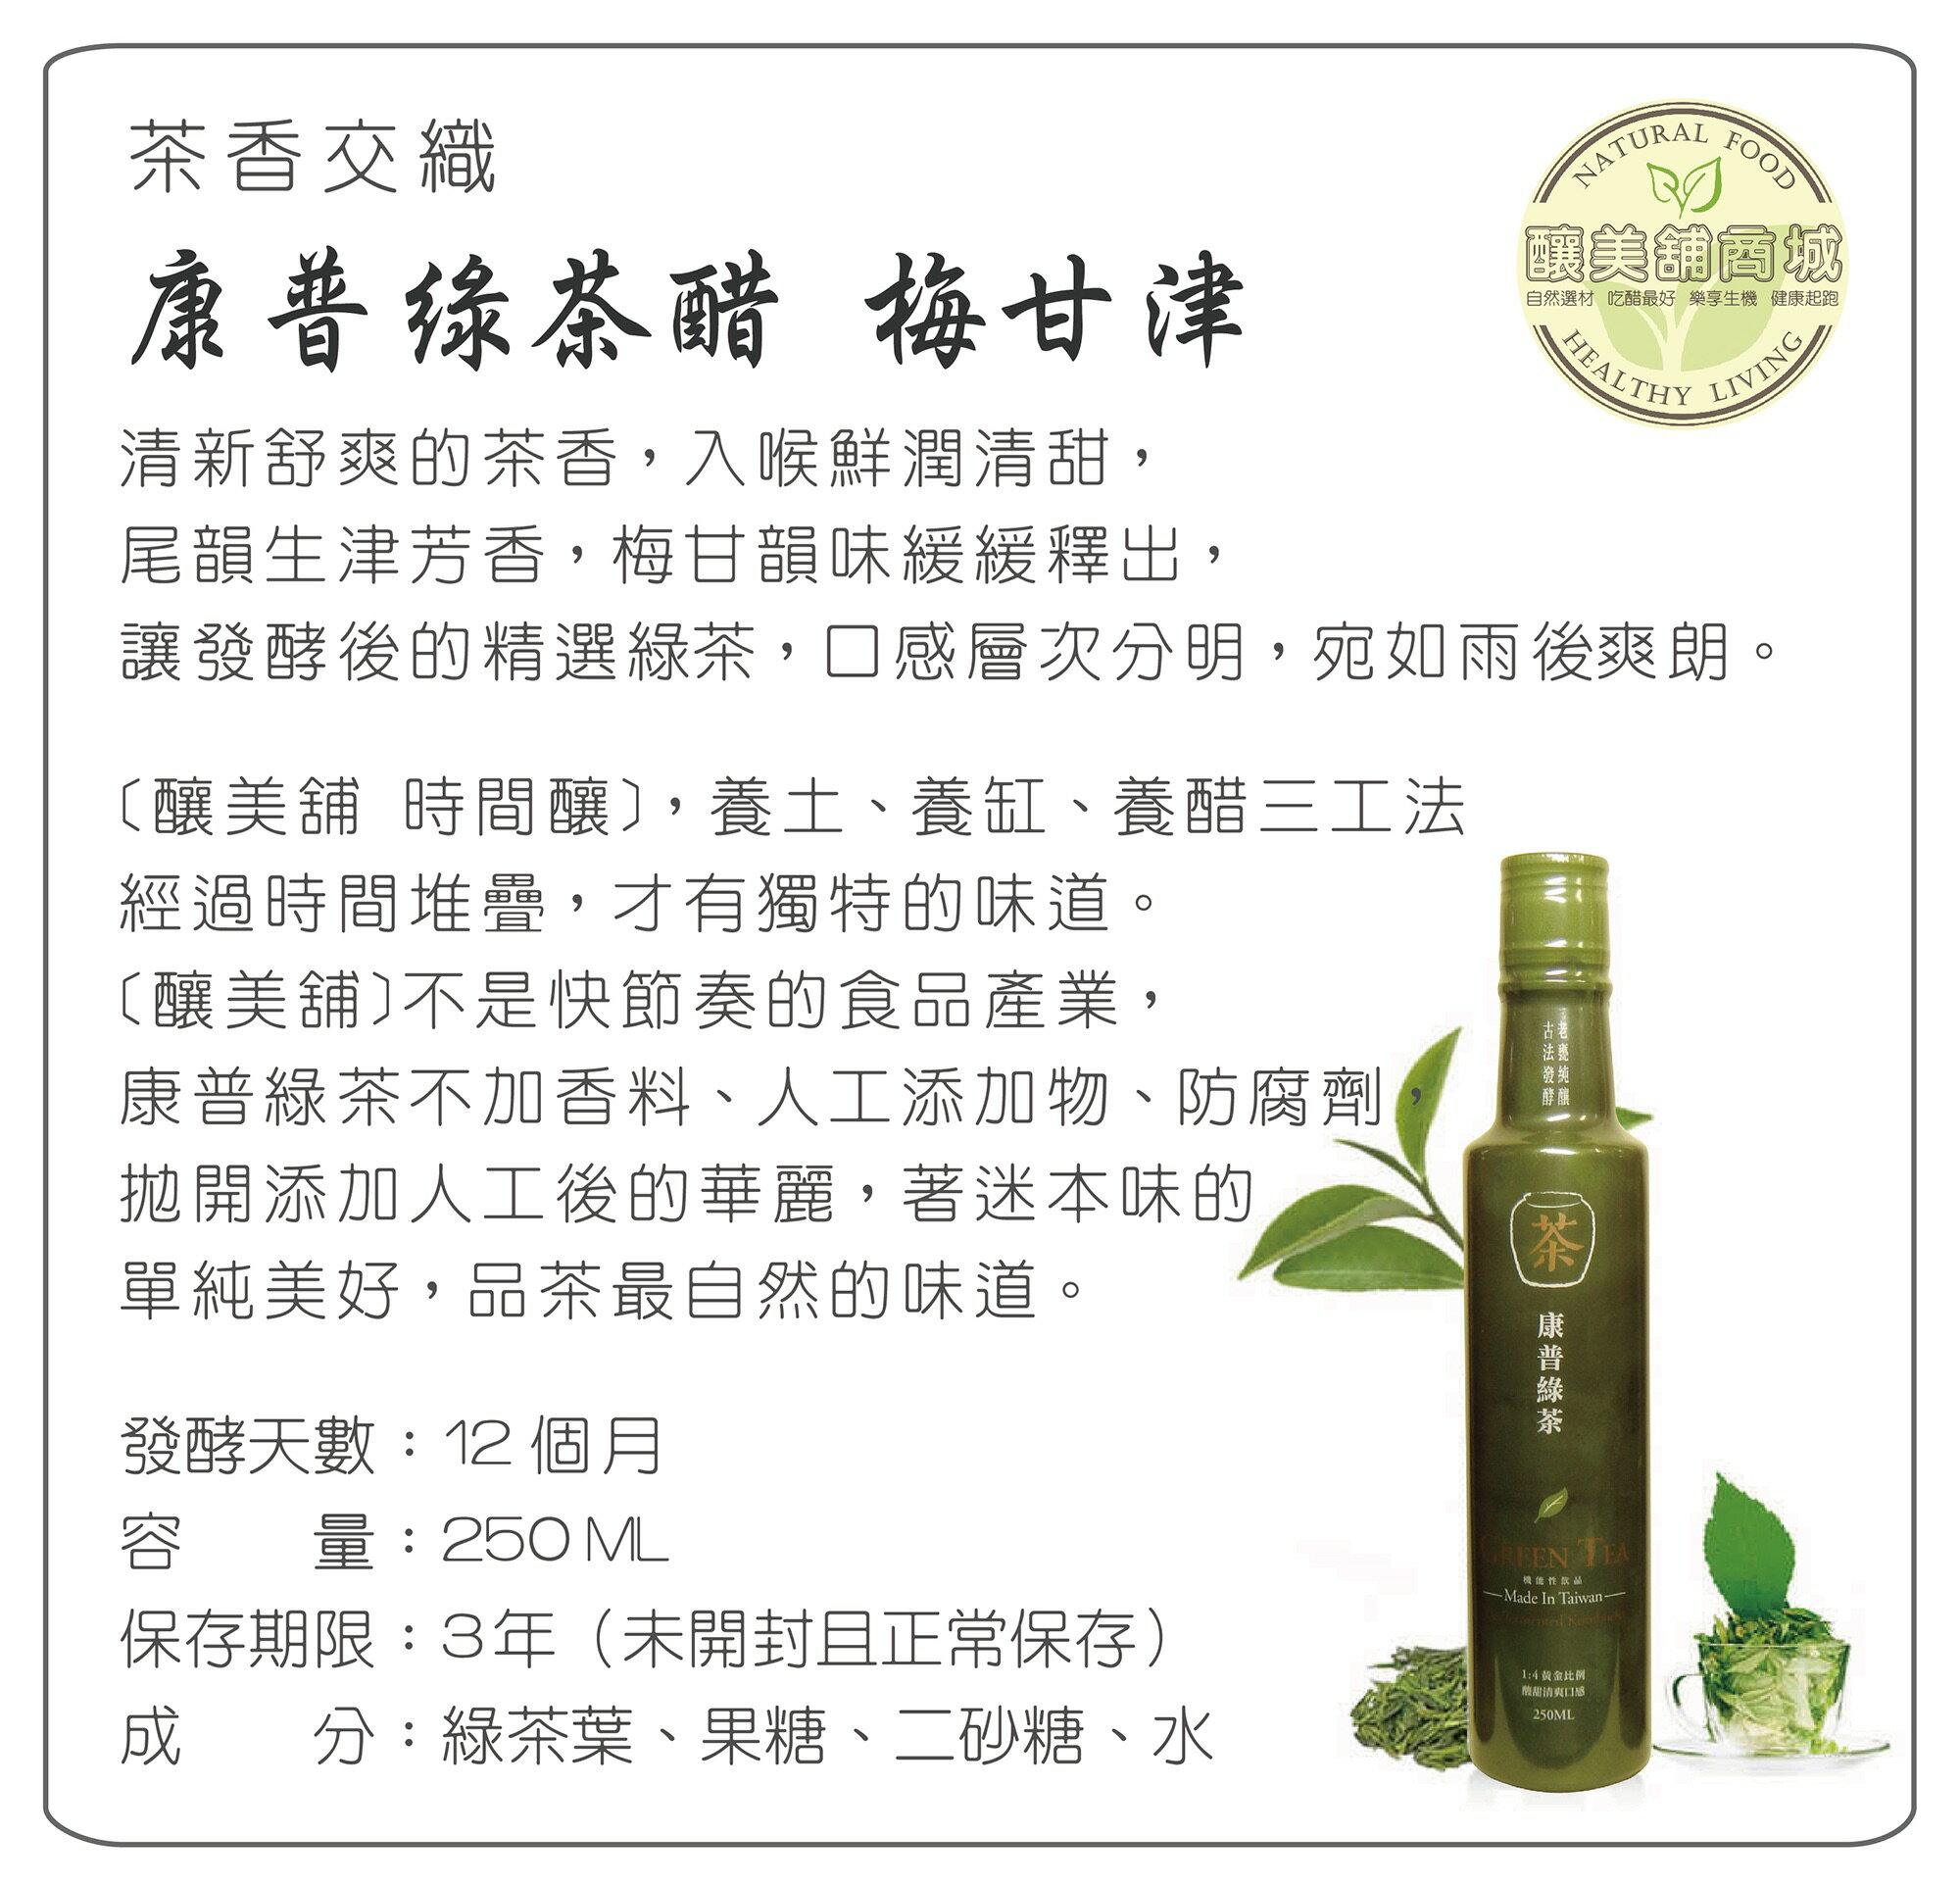 【釀美舖】康普綠茶醋( 純茶甕釀) 250ml / 瓶 2